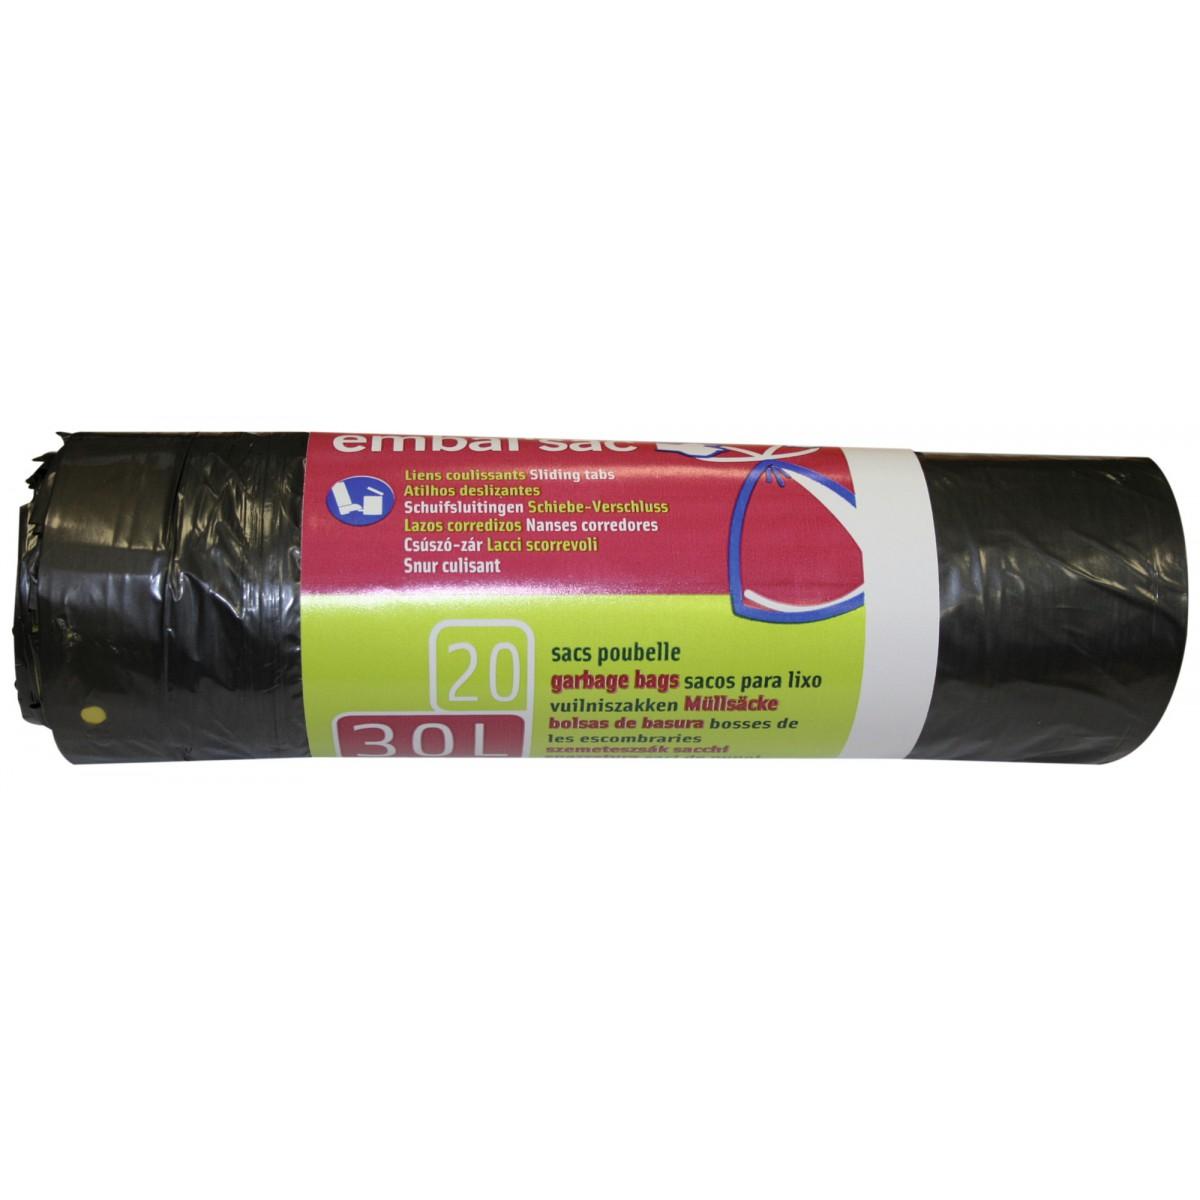 Sac poubelle à lien coulissant Embal'Sac - 30 l - Hauteur 65 cm - Epaisseur 21 microns - 20 sacs